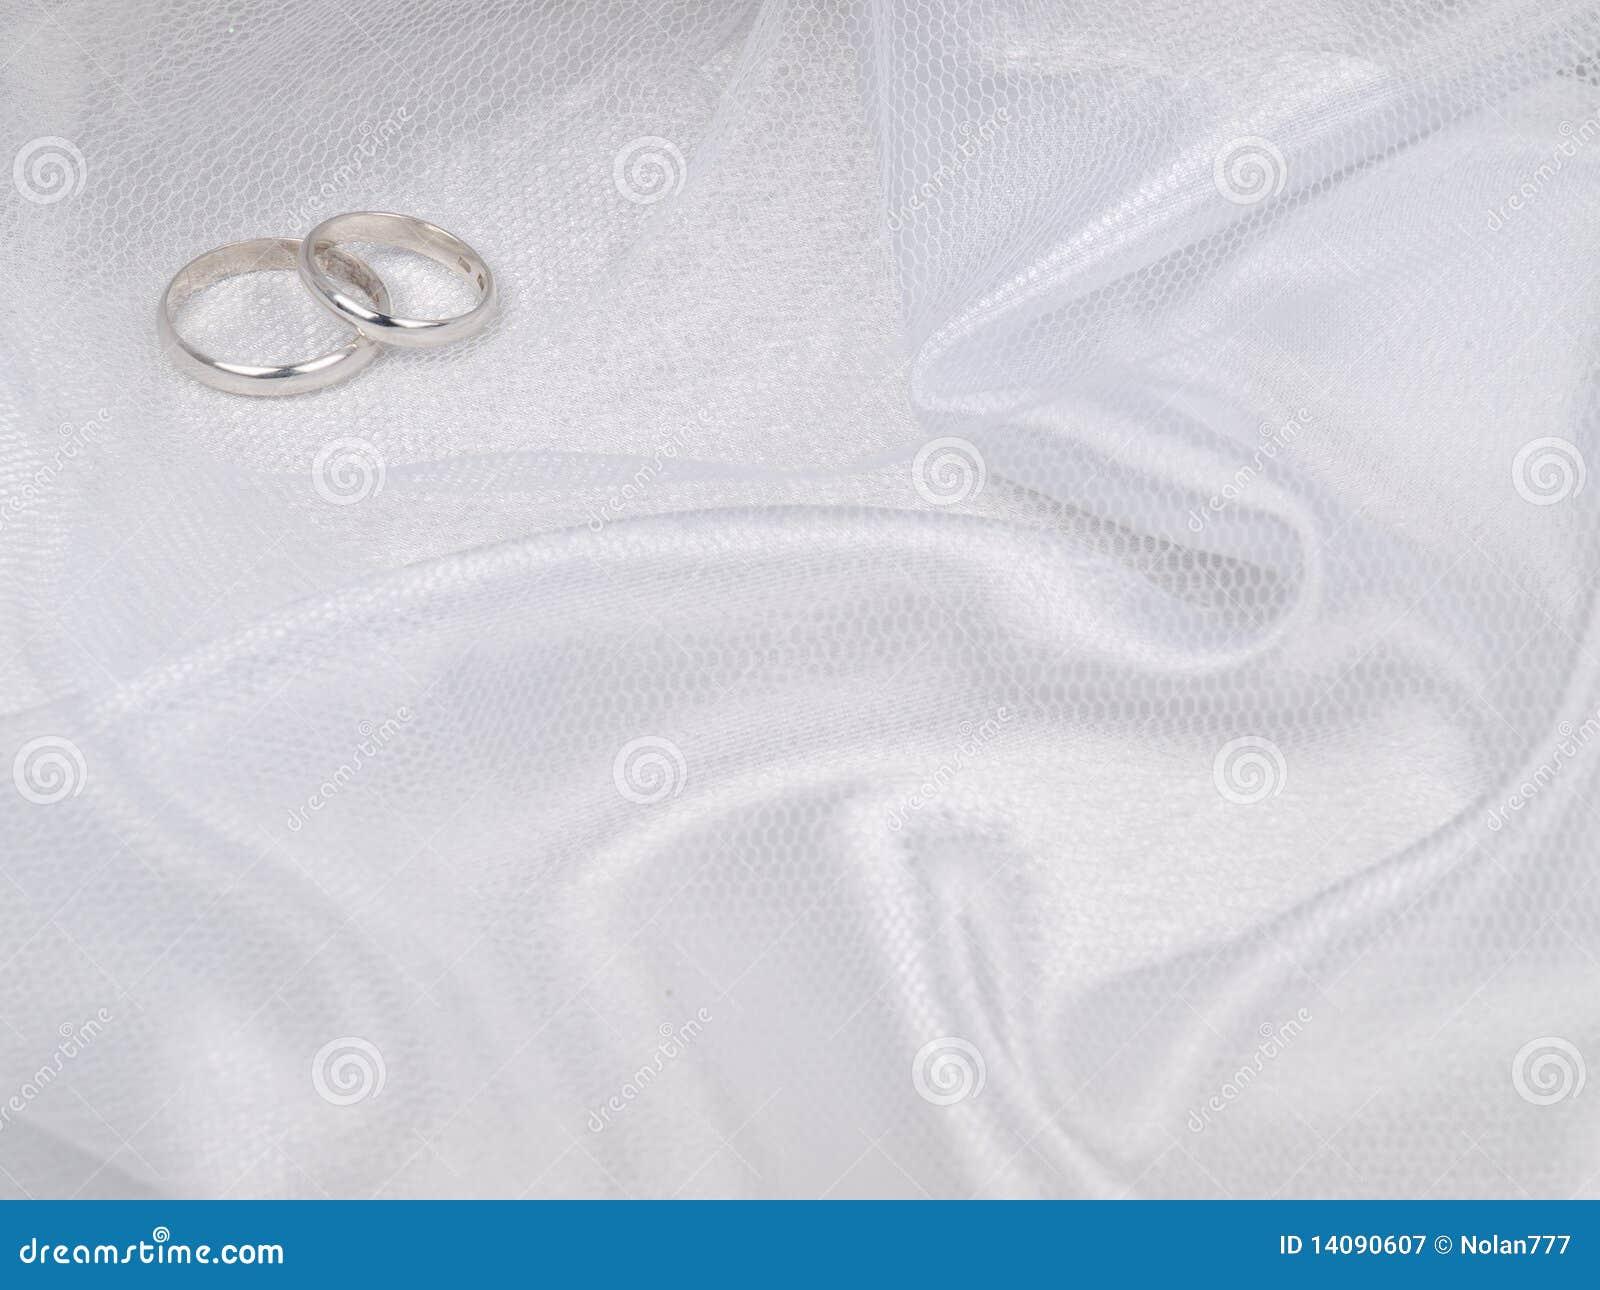 Deux boucles de mariages argentés